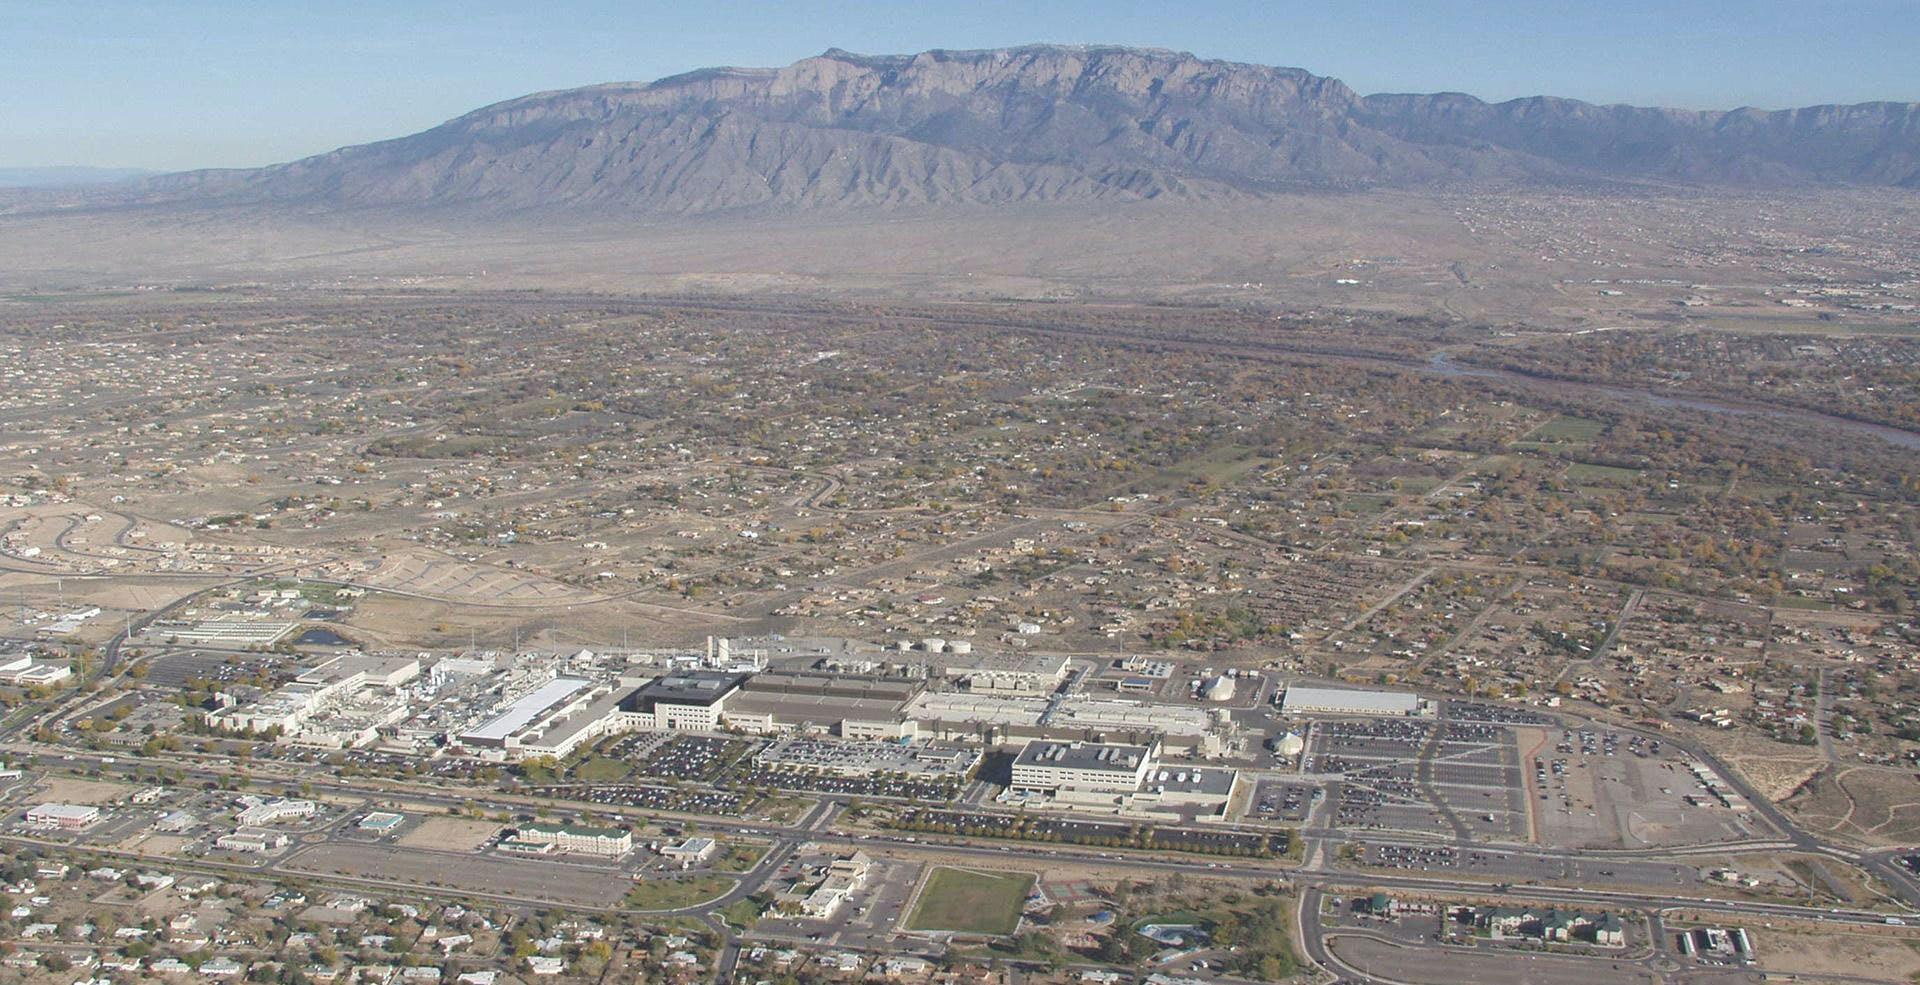 Intel investe in Israele e New Mexico: decine di miliardi di dollari per aumentare produzione e ricerca